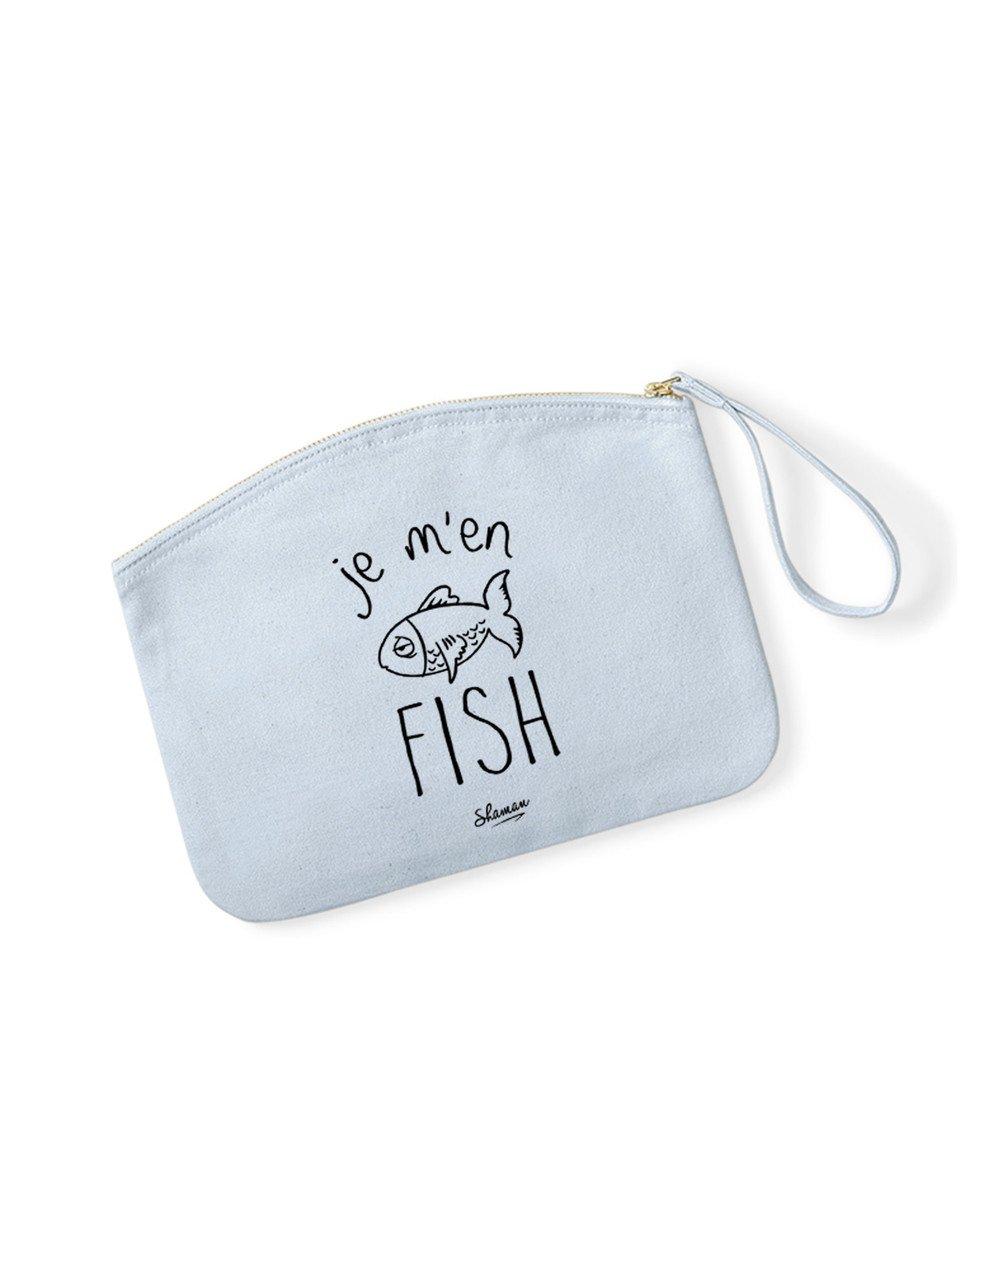 JE M'EN FISH - Pochette Bleu Pastel en coton